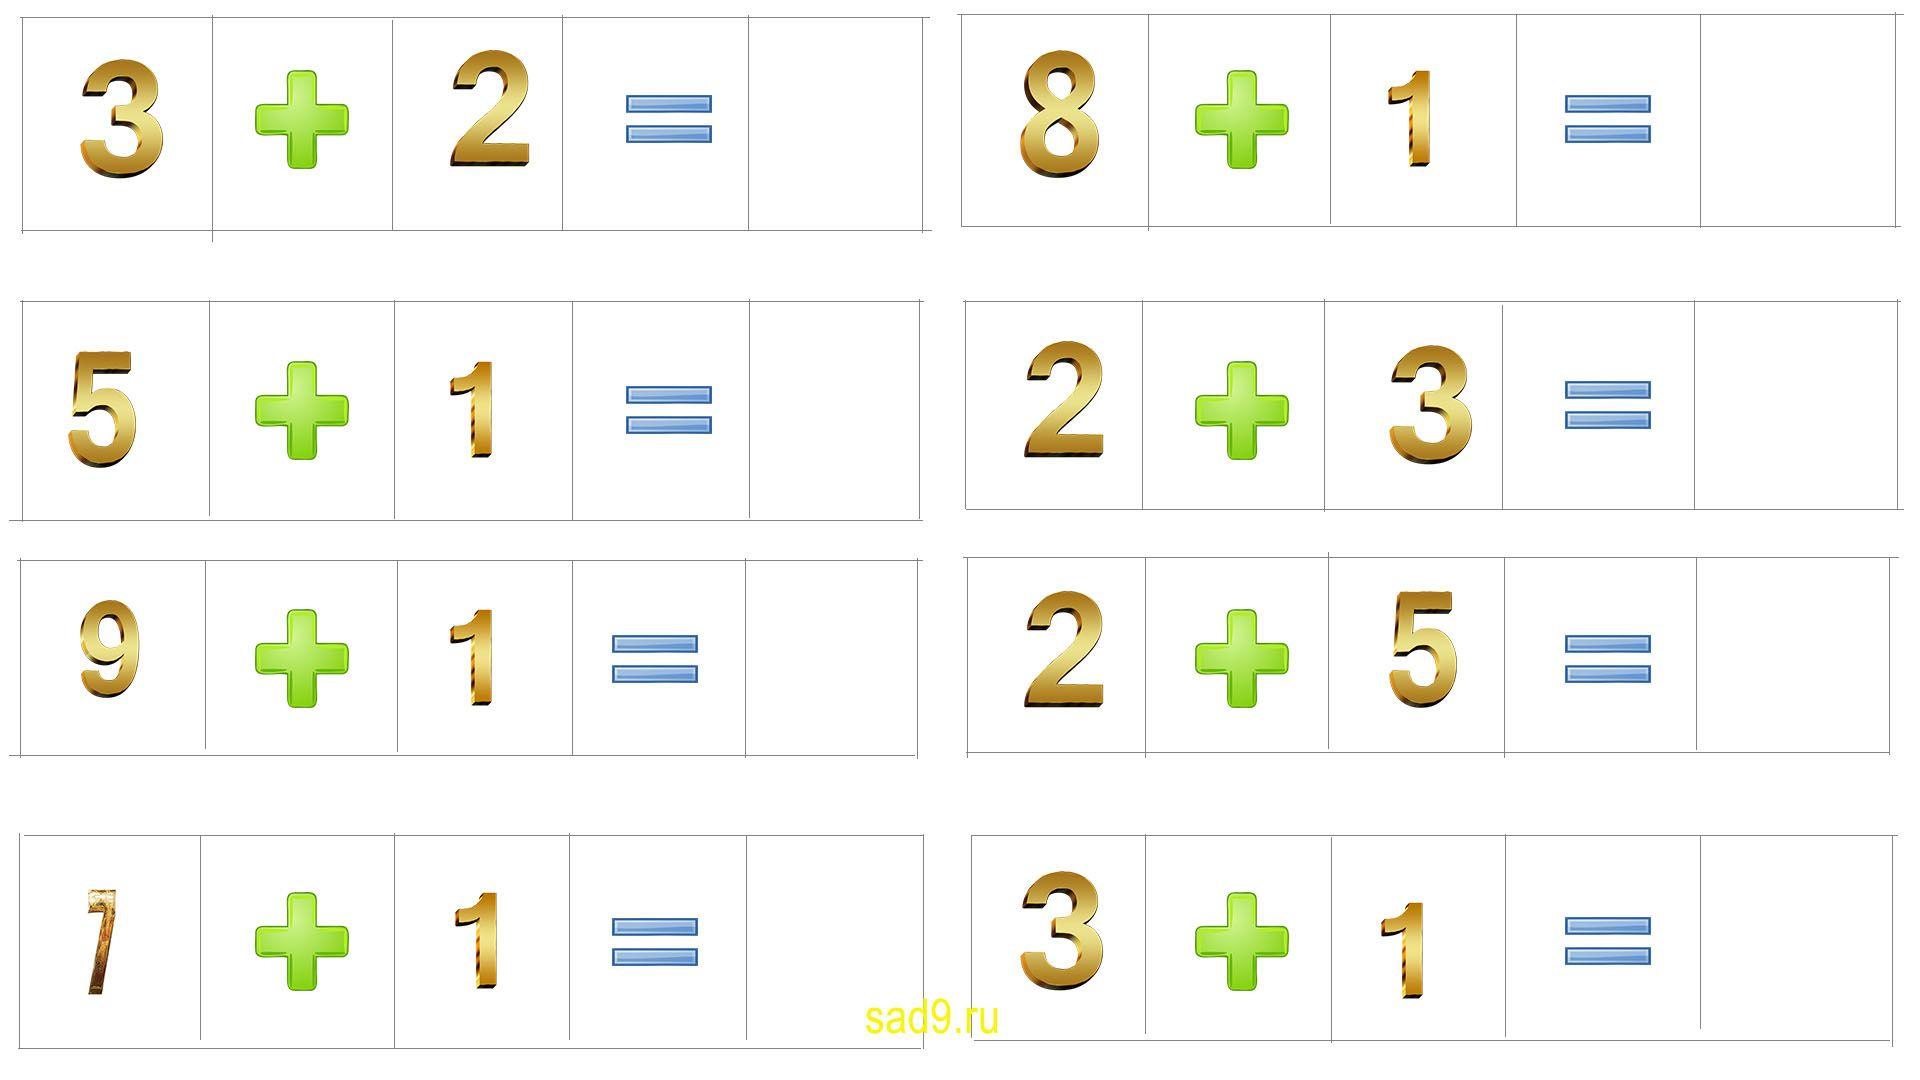 Примеры на сложение для дошкольников